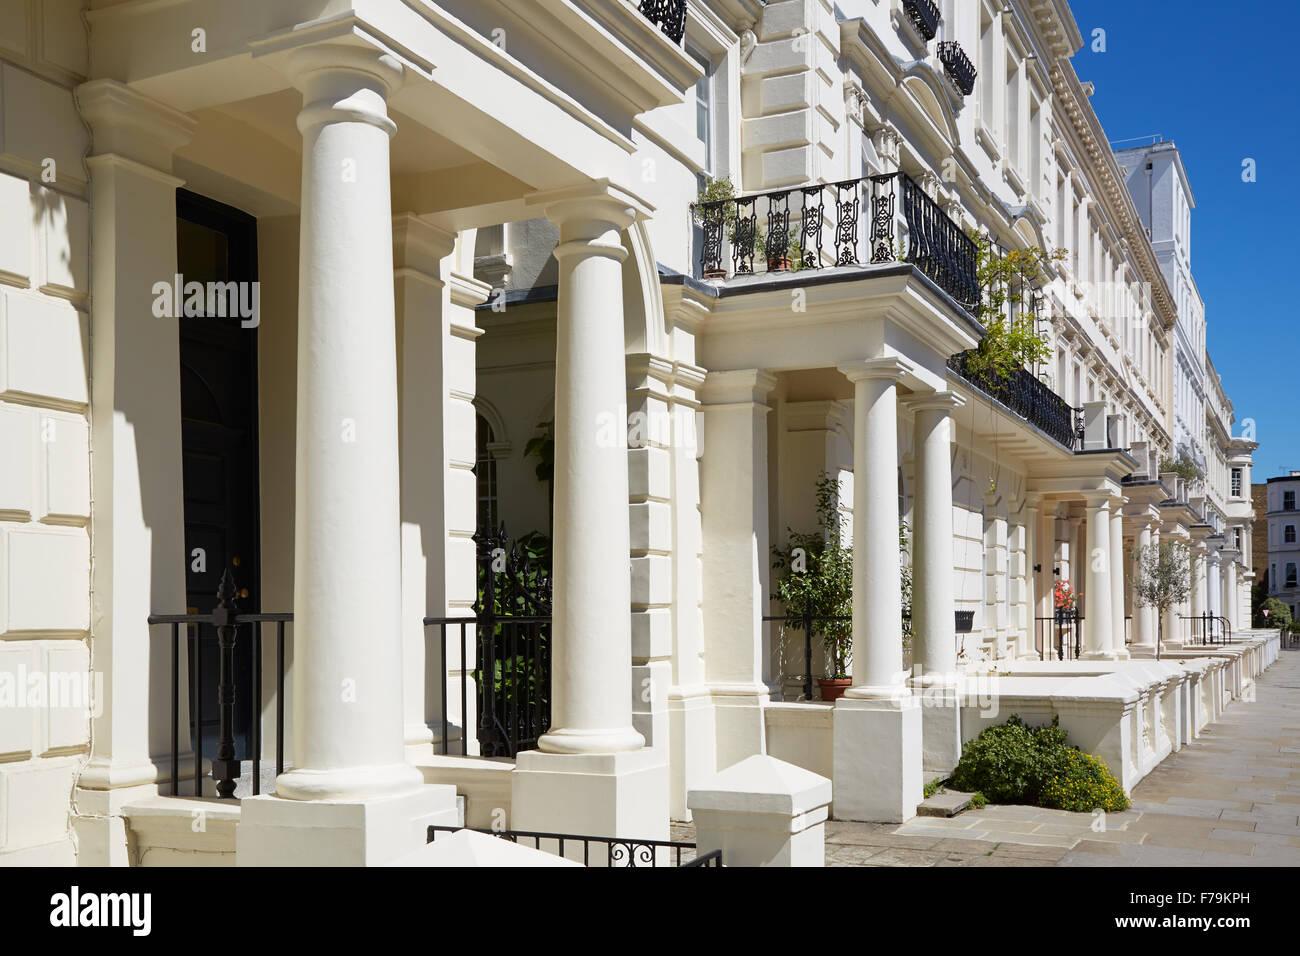 Casas de lujo fachadas blancas en Londres, municipio de Kensington y ...